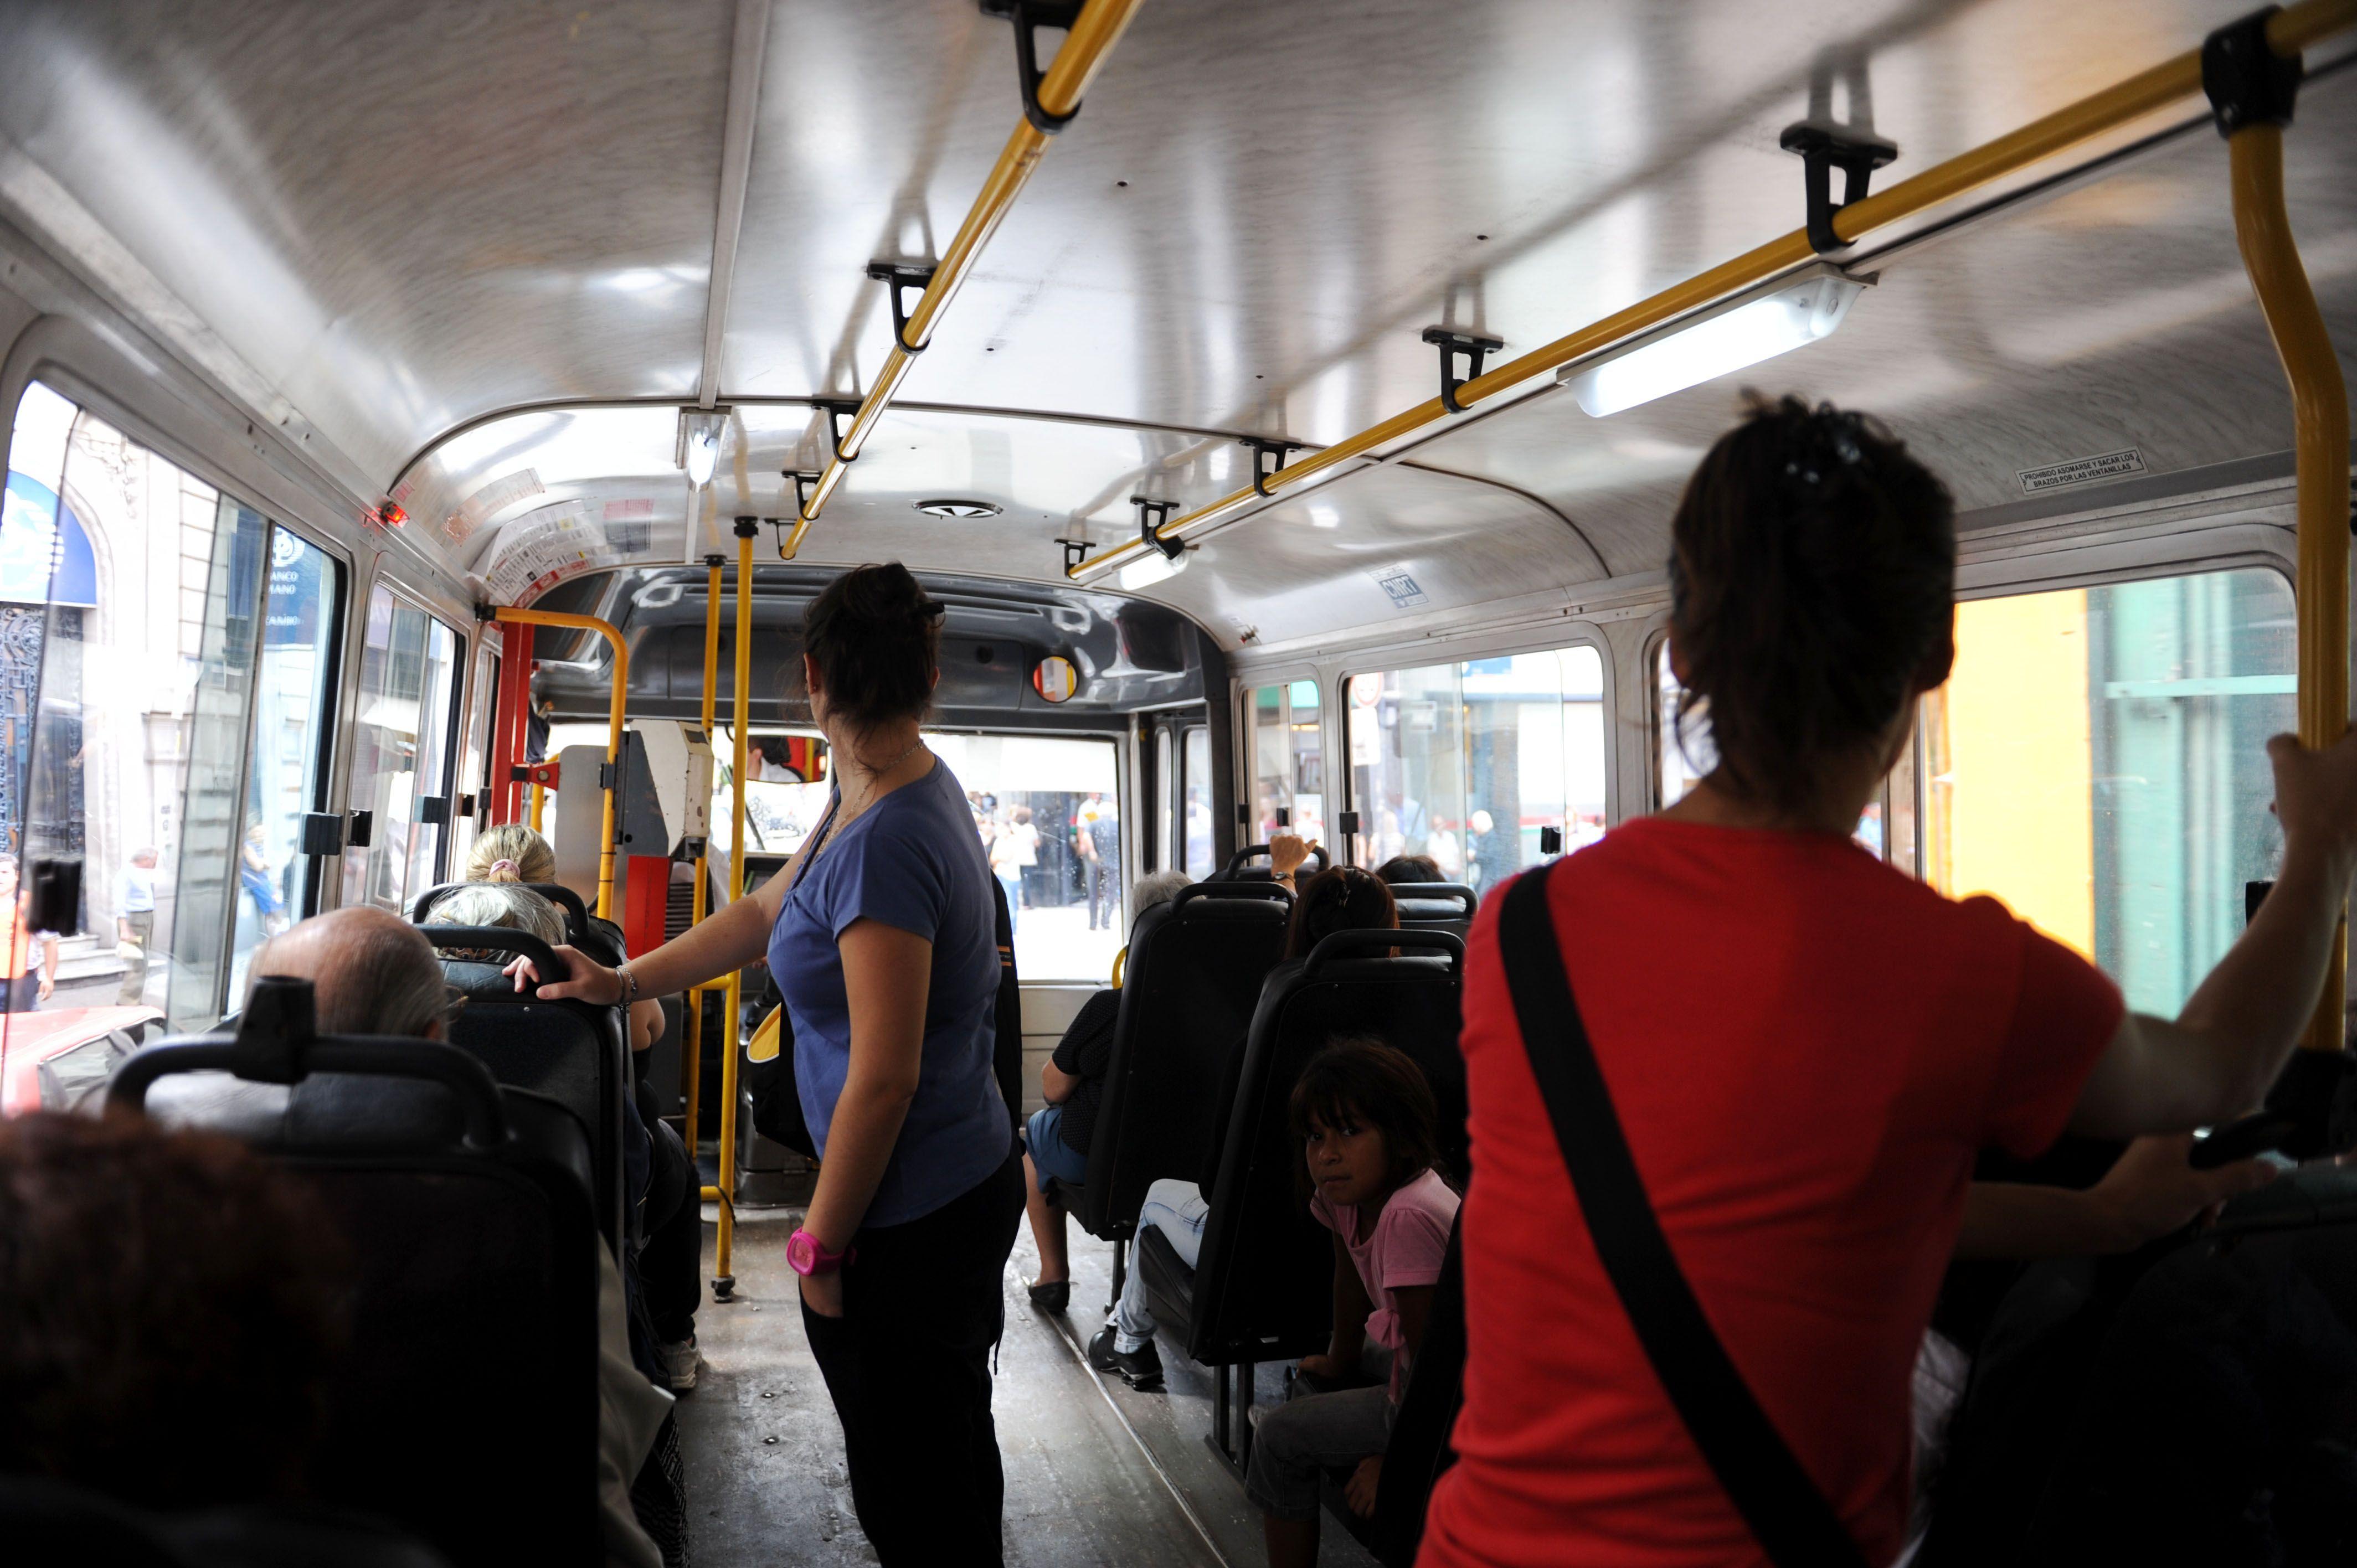 El titular de Rosario Bus planteó ayer que con los actuales números no pude prestar el servicio. (Foto de archivo)